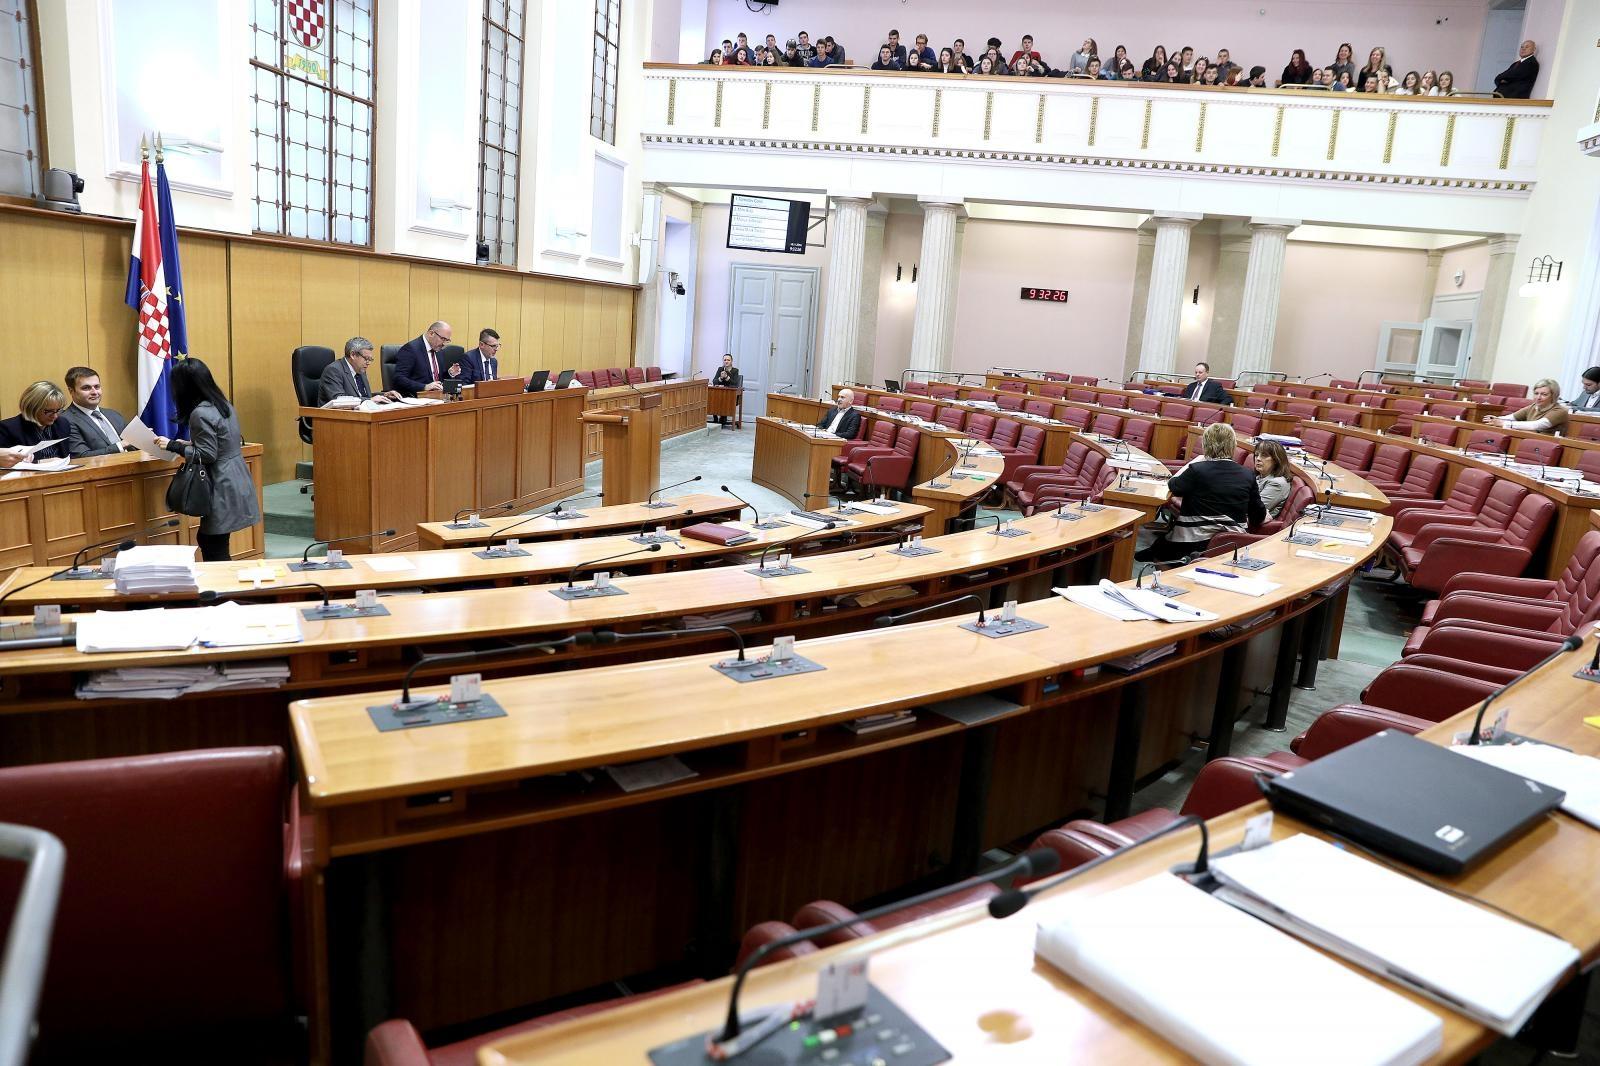 Sabor u utorak raspravlja o smanjenju broja agencija i zavoda